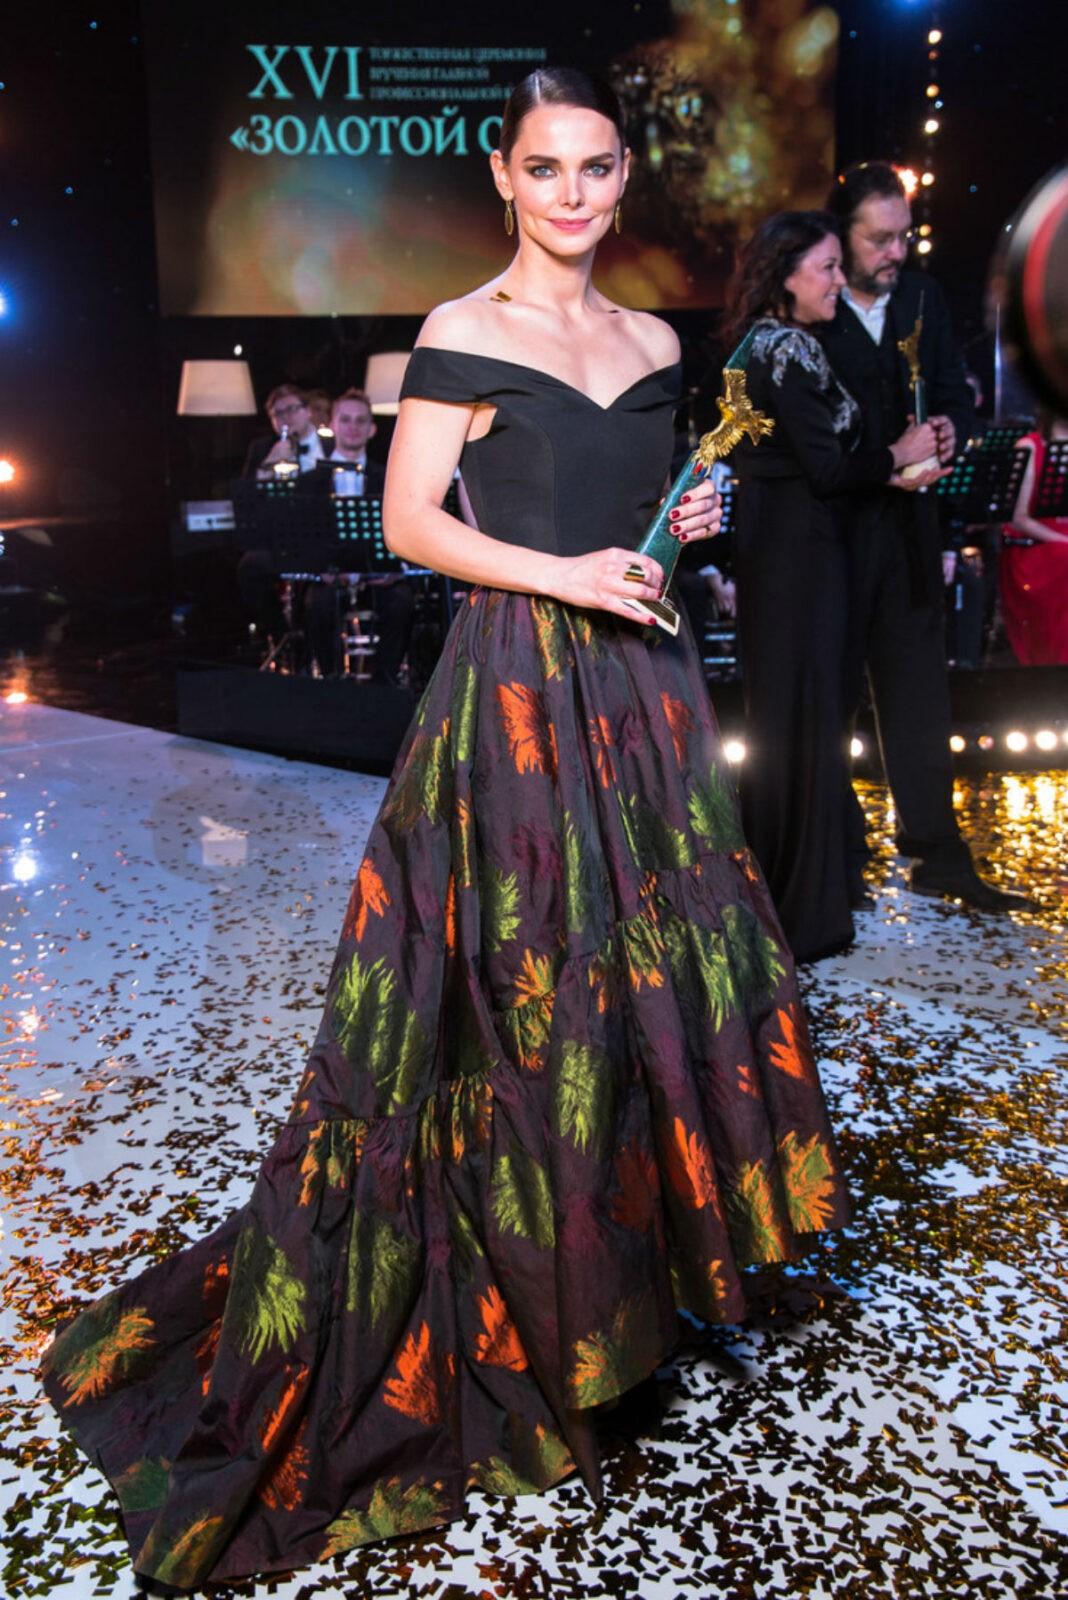 Лиза Боярская затмила всех на премии Золотой орел